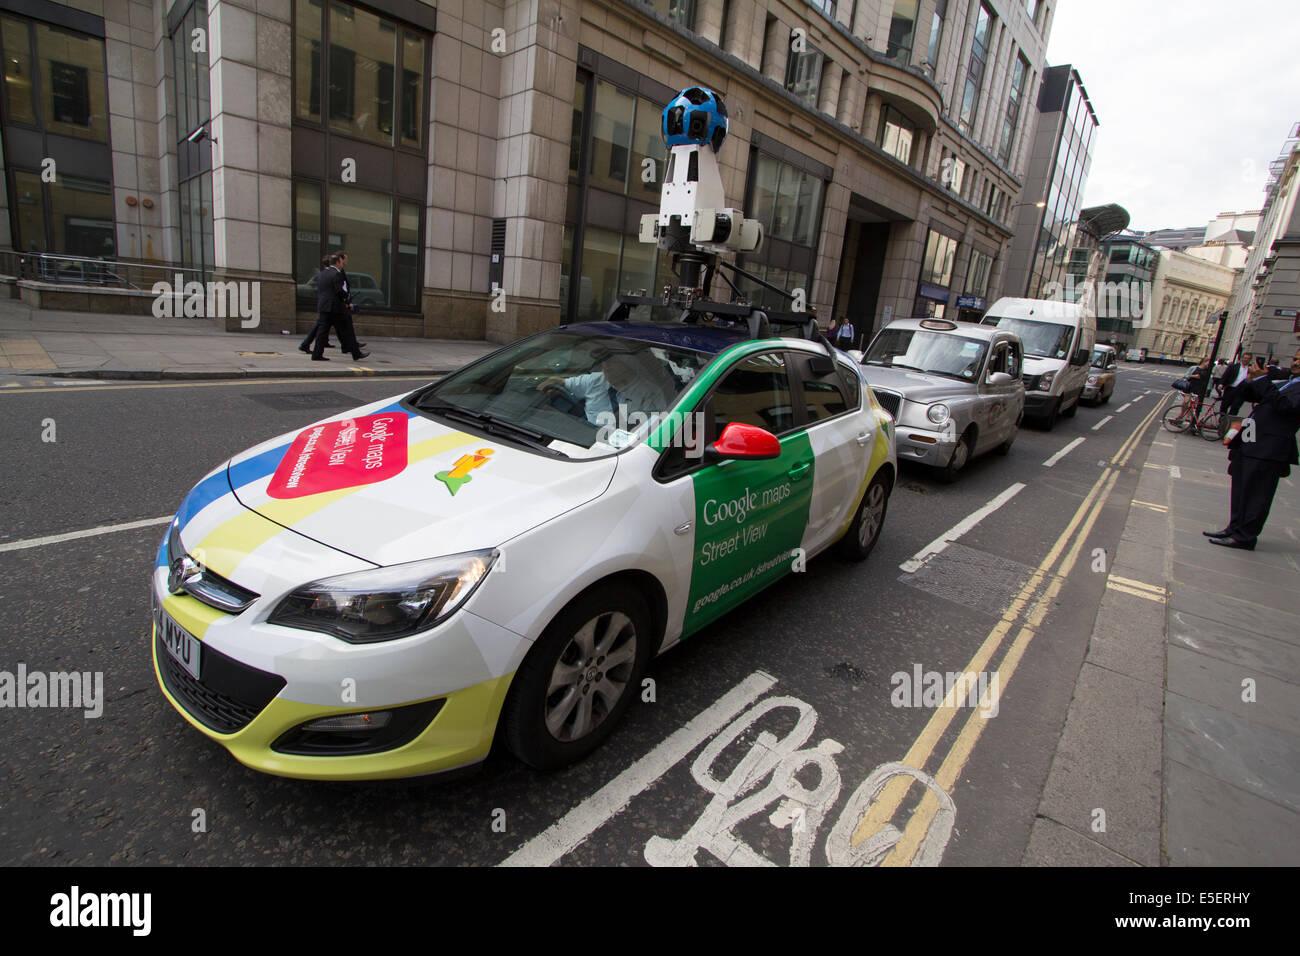 La Voiture De Google Street View Avec Appareil Photo Sur Le Toit Du